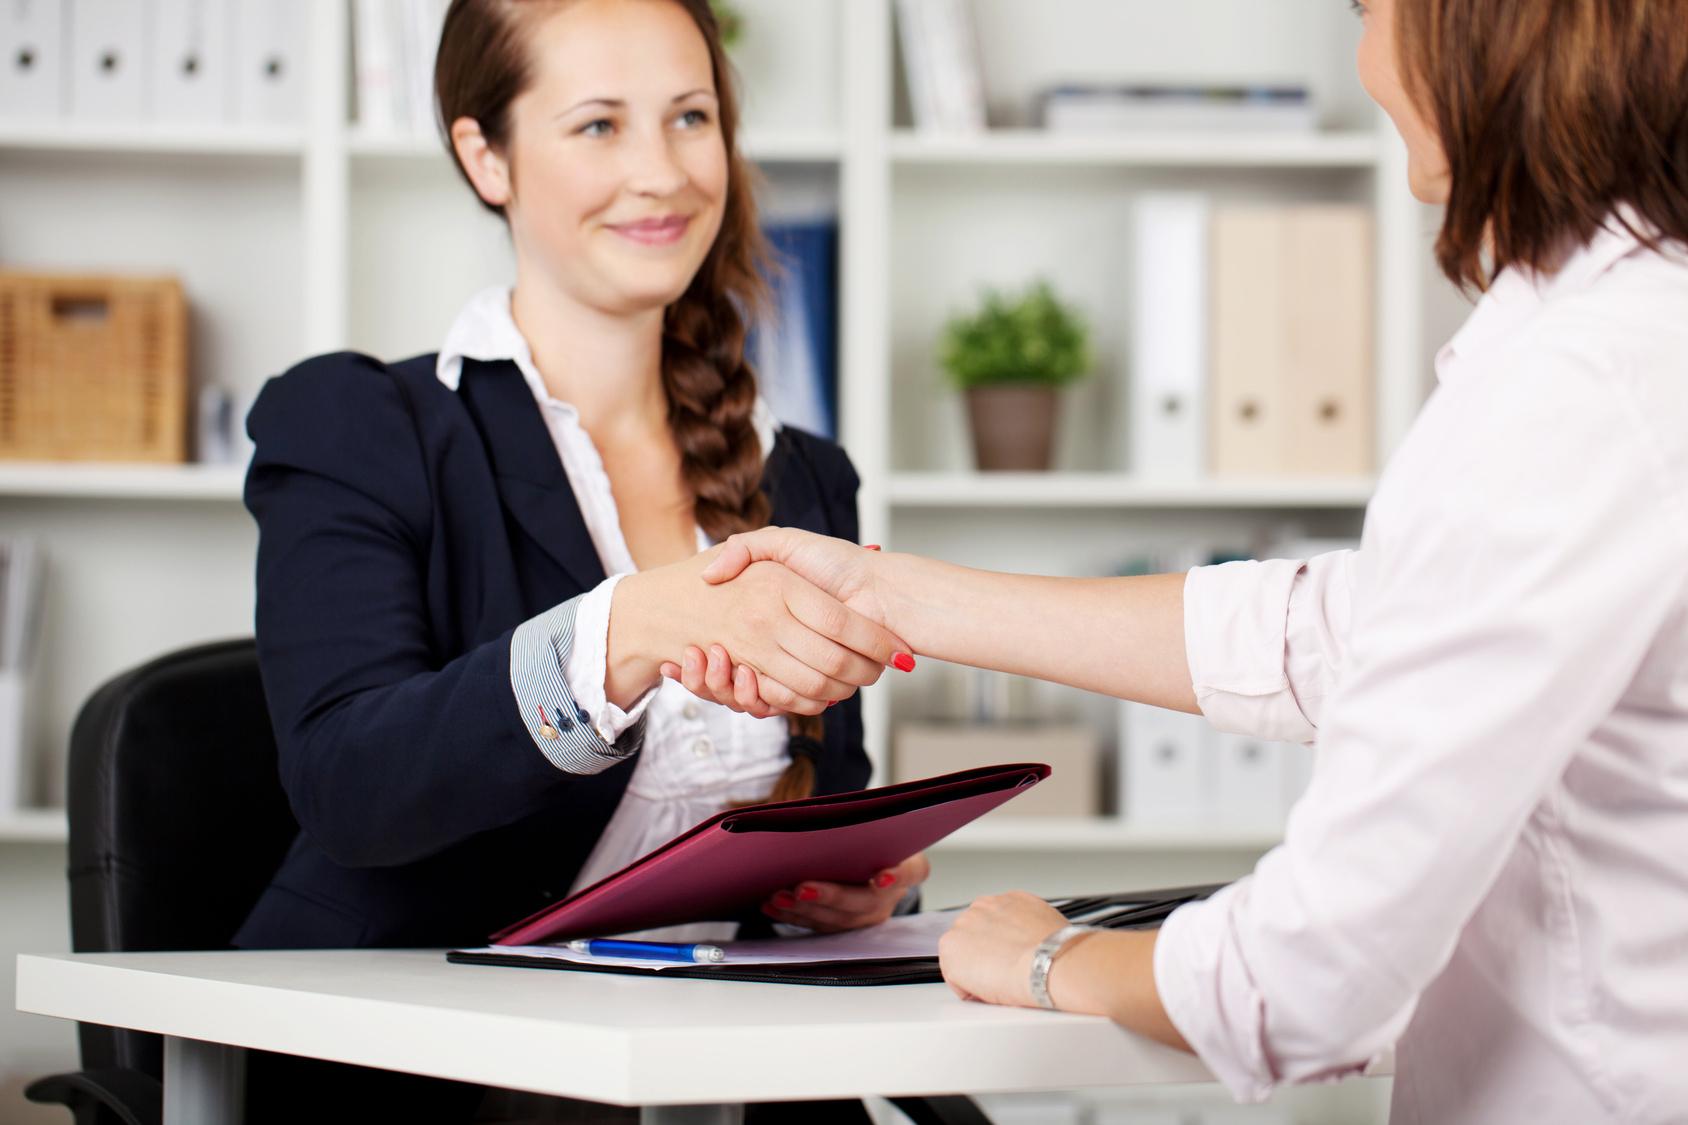 Führungskräfte gewinnen: 5 Dinge, die Unternehmen beachten sollten